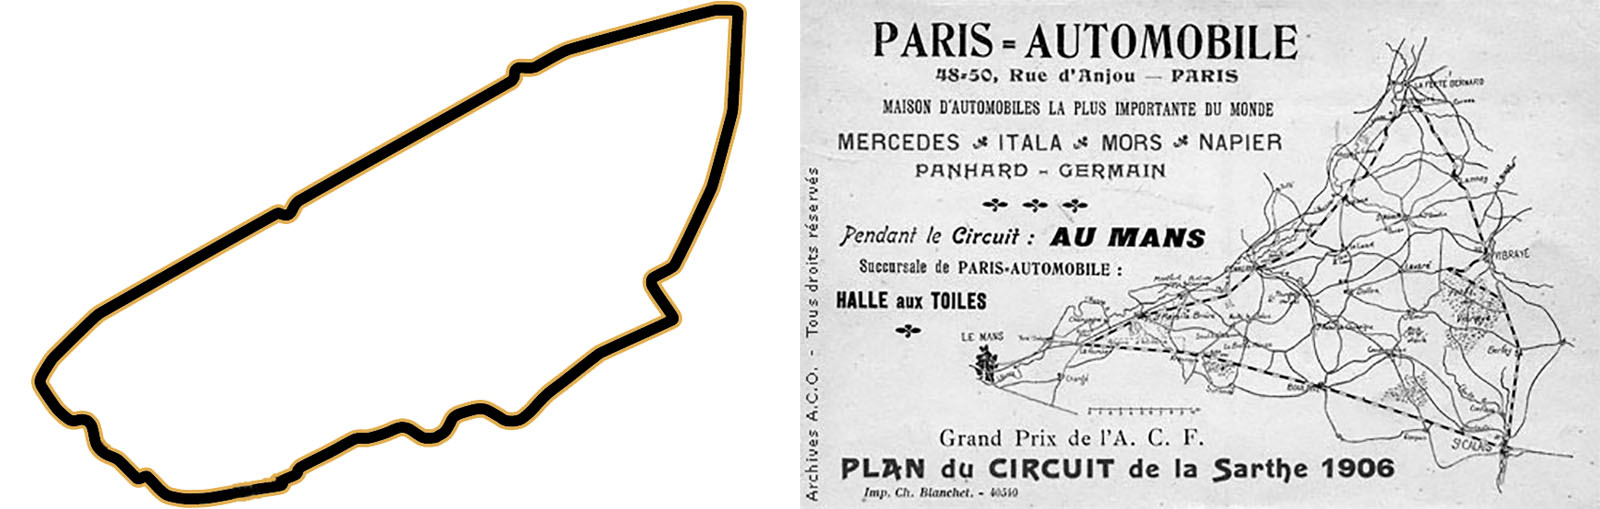 O traçado atual de Le Mans e a pista que recebeu o GP da França na mesma região, em 1906